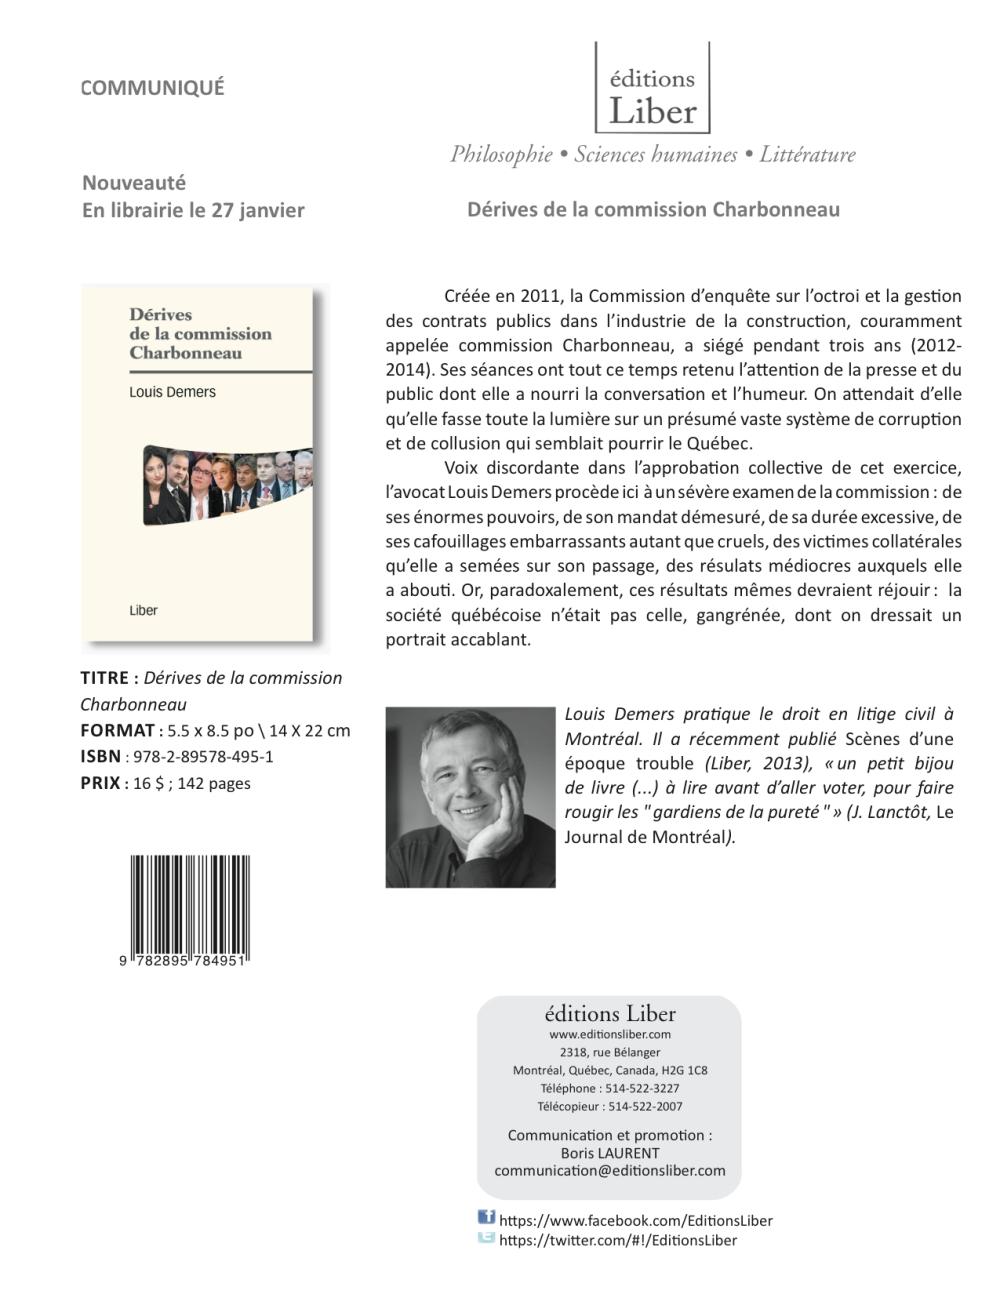 Nouvelle publication de Louis Demers chez les Éditions Liber: Dérives de la commission Charbonneau